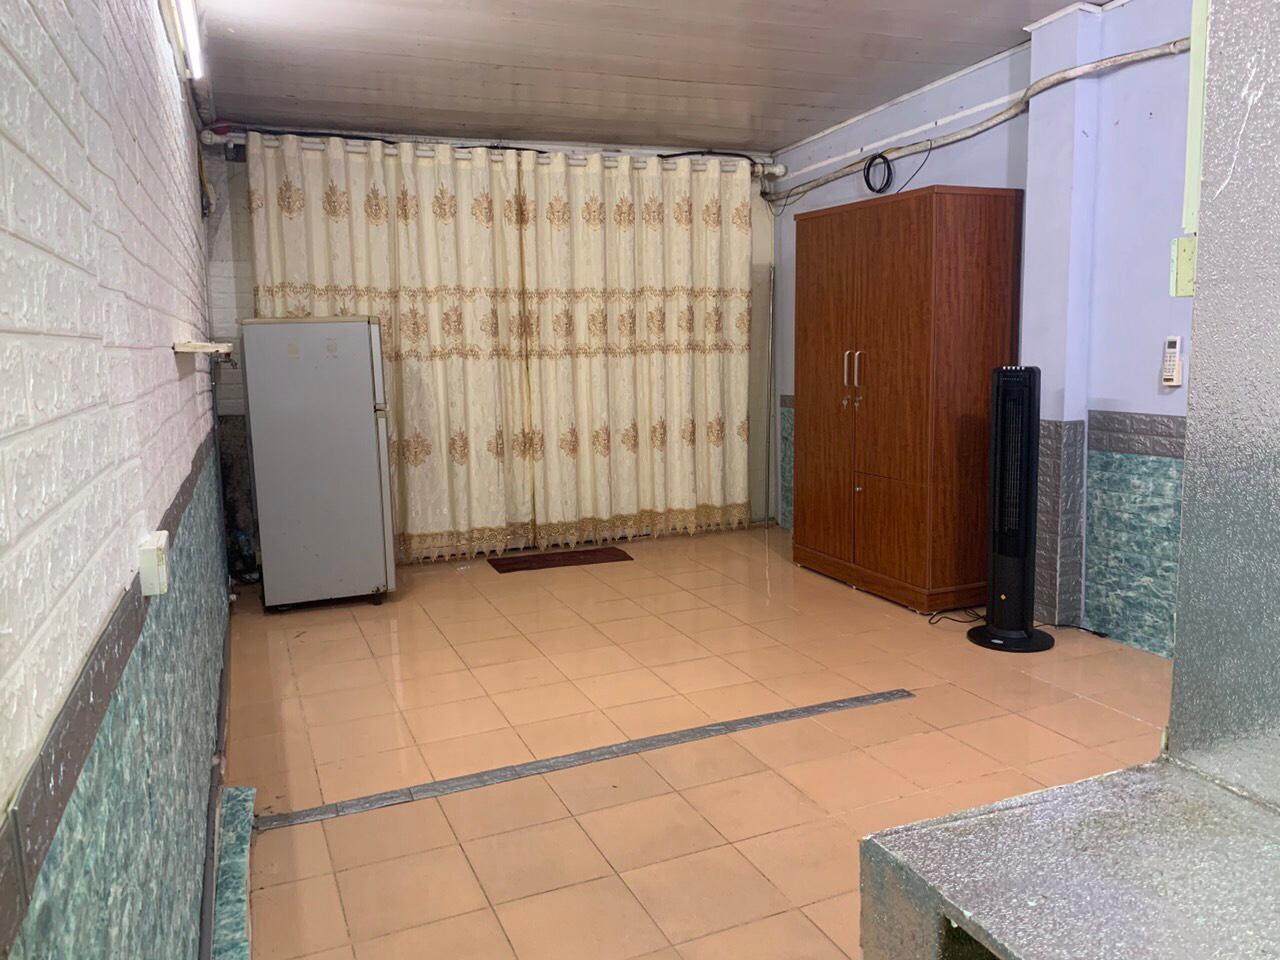 bên trong căn phòng có tủ, tủ lạnh và rèm